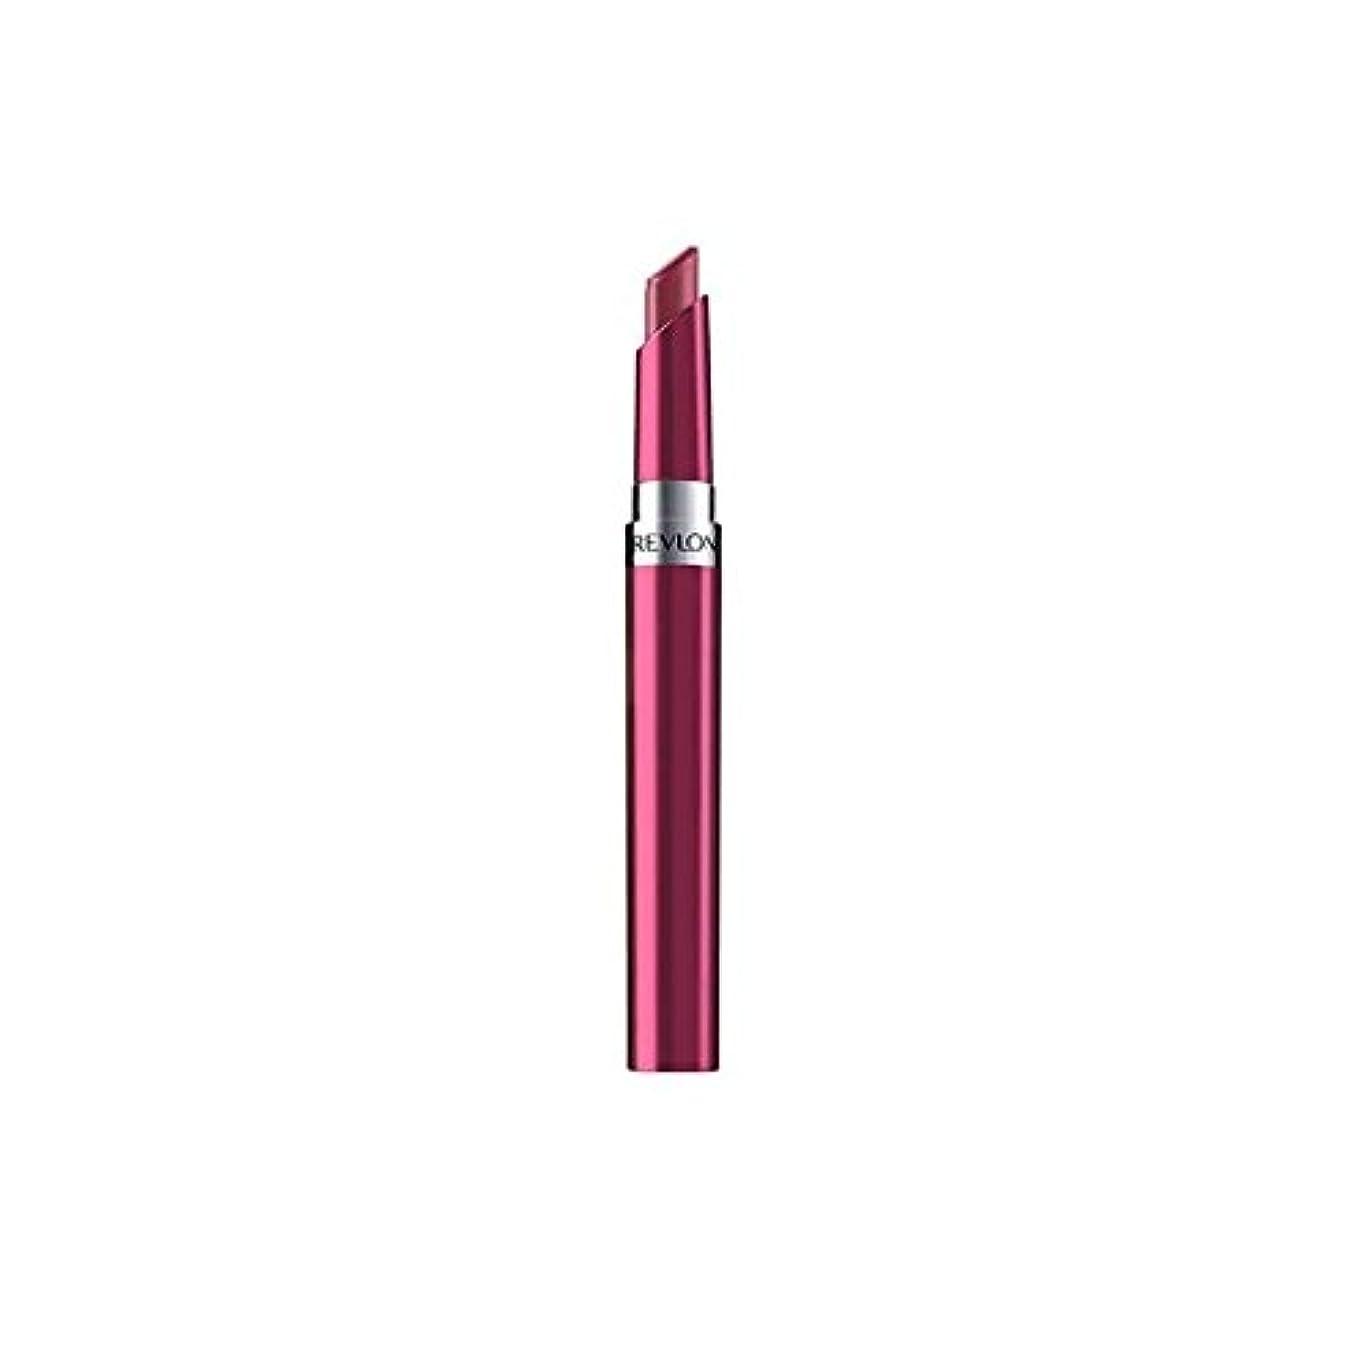 遠え売る素晴らしさRevlon Ultra HD Gel Lipcolor Vineyard (Pack of 6) - レブロンウルトラゲルのブドウ園 x6 [並行輸入品]